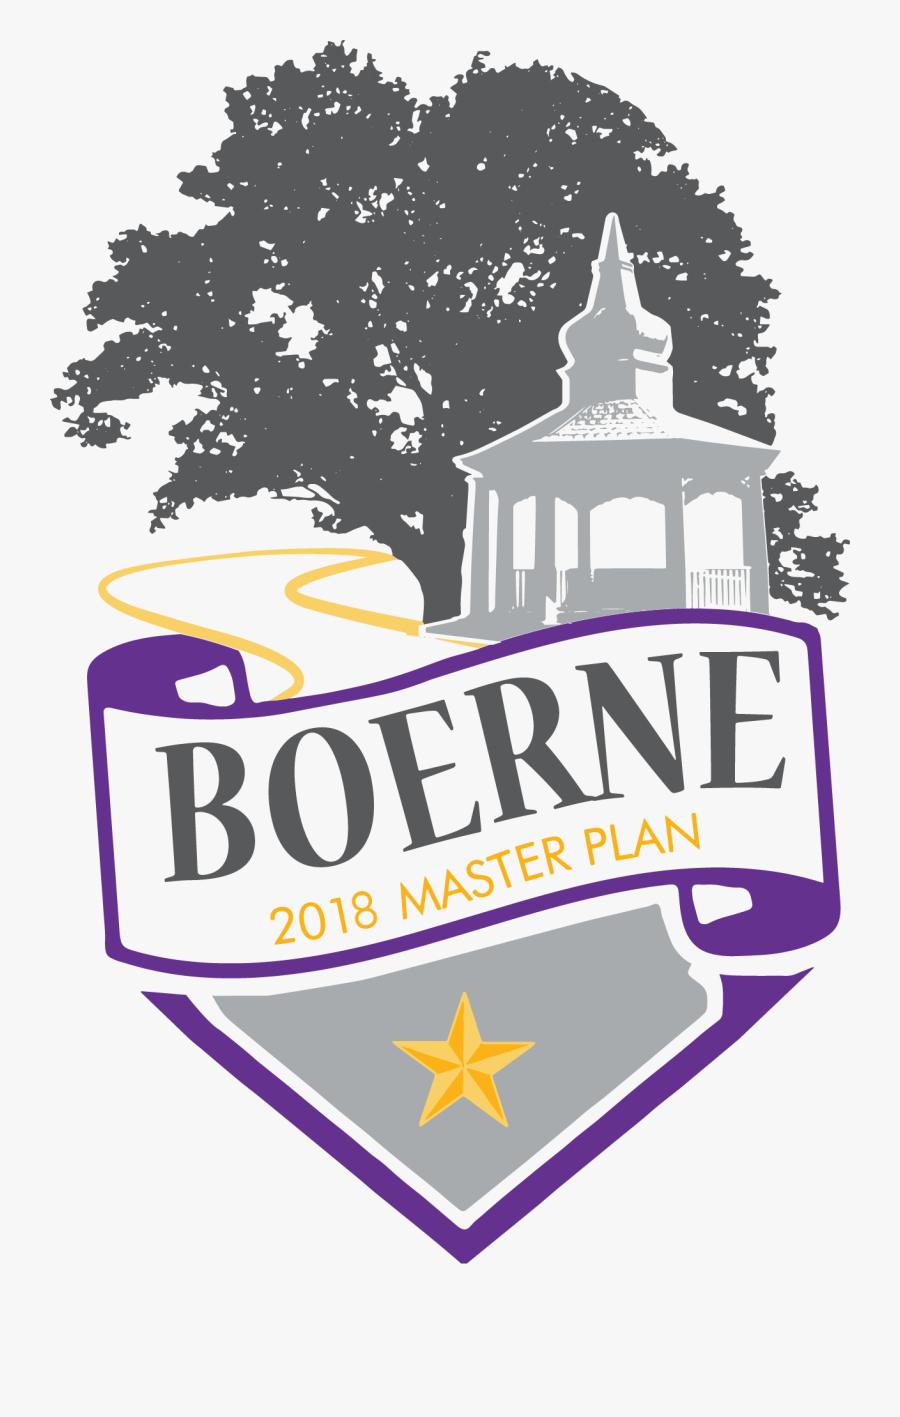 Boerne Master Plan Update Project - Heritage Behavioral Health Center, Transparent Clipart